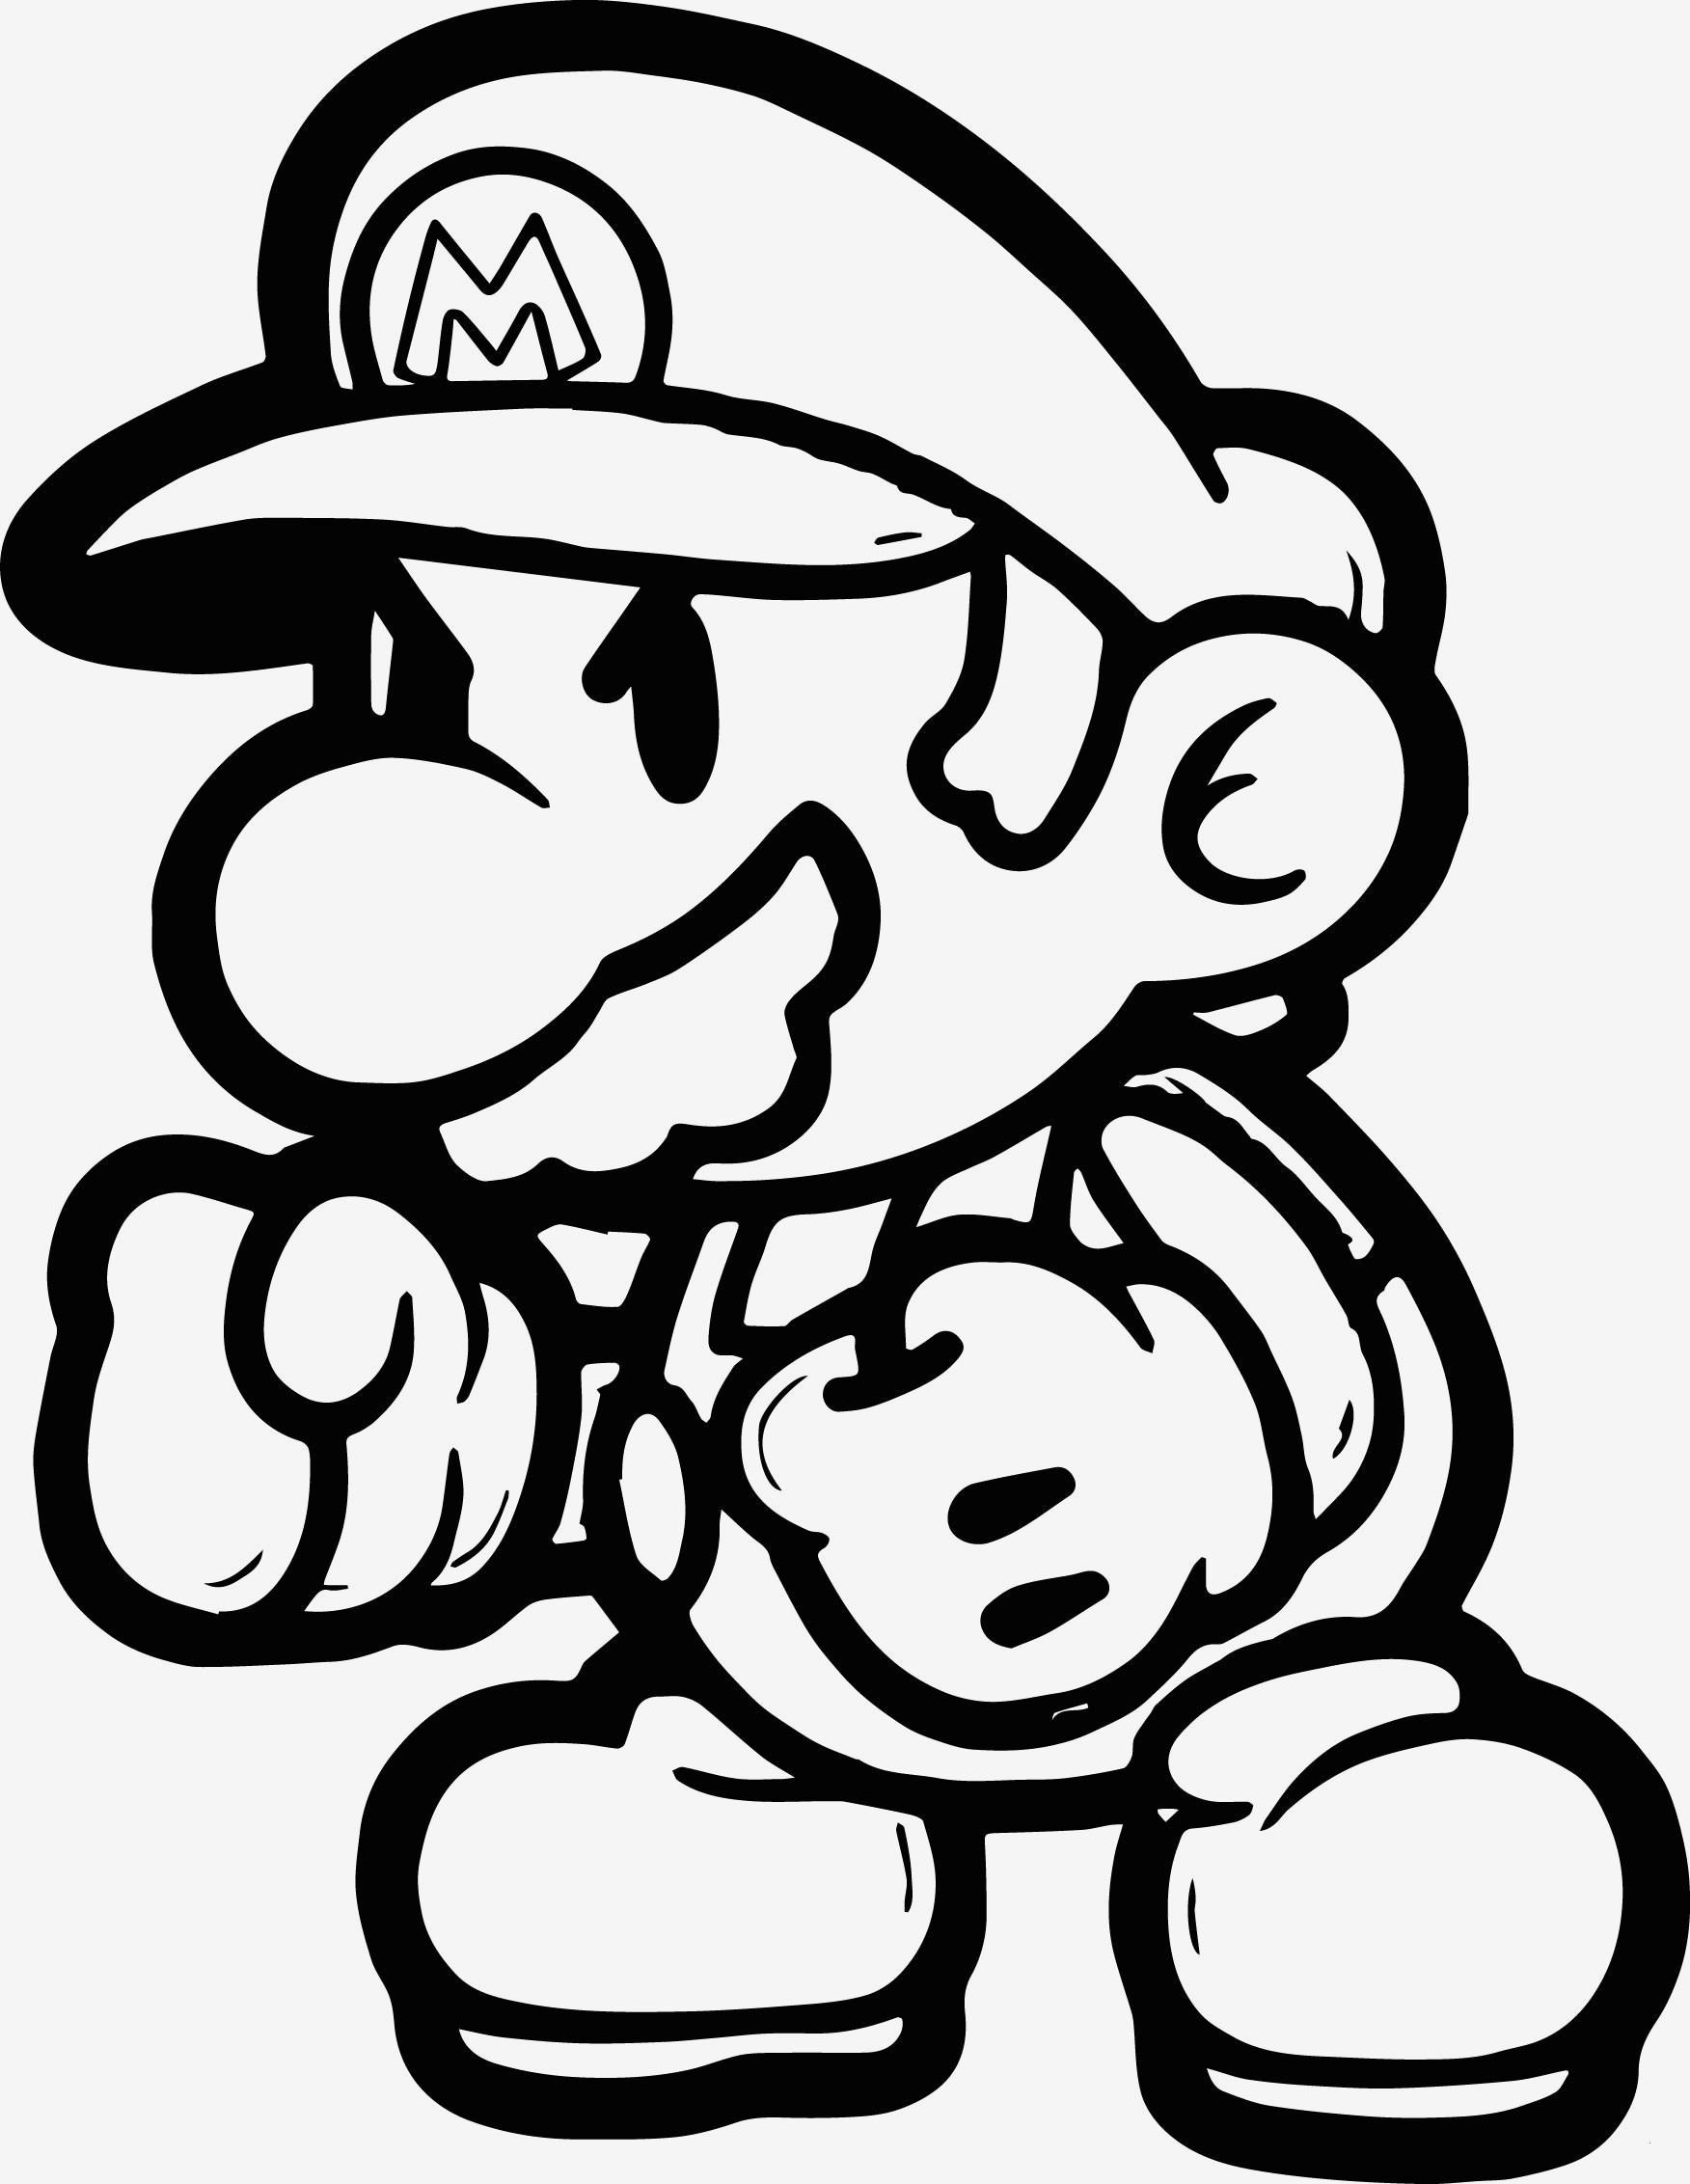 Super Mario Malvorlage Inspirierend 34 Schön Mario Ausmalbilder – Malvorlagen Ideen Das Bild